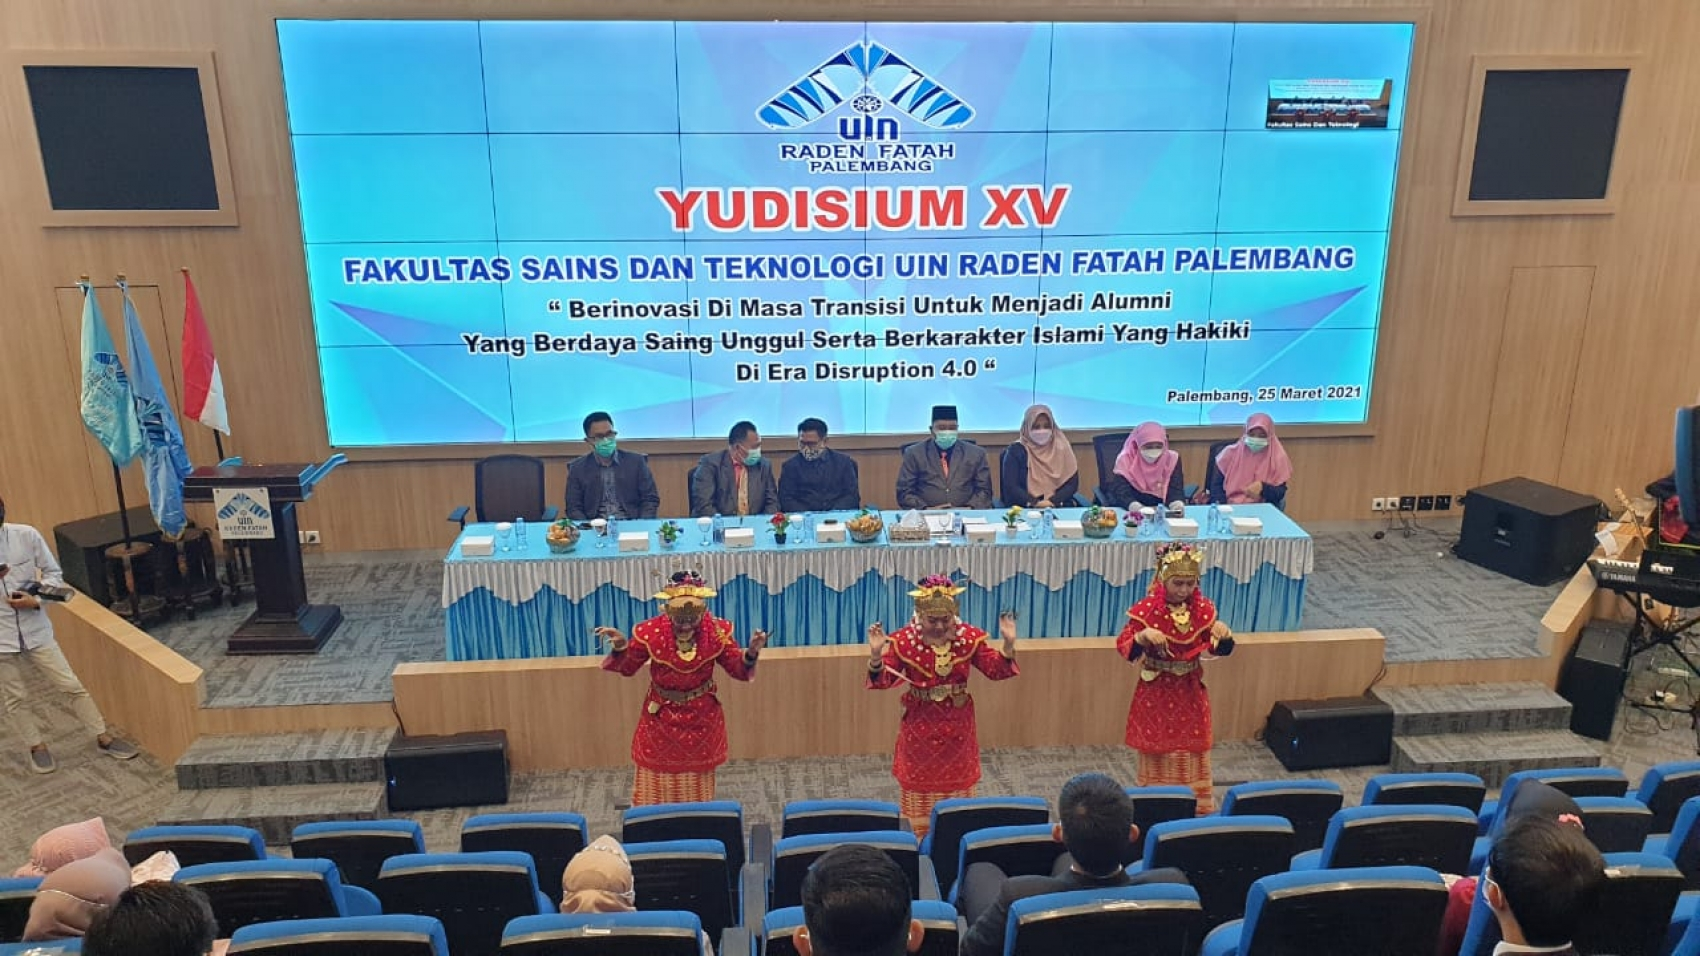 Yudisium XV